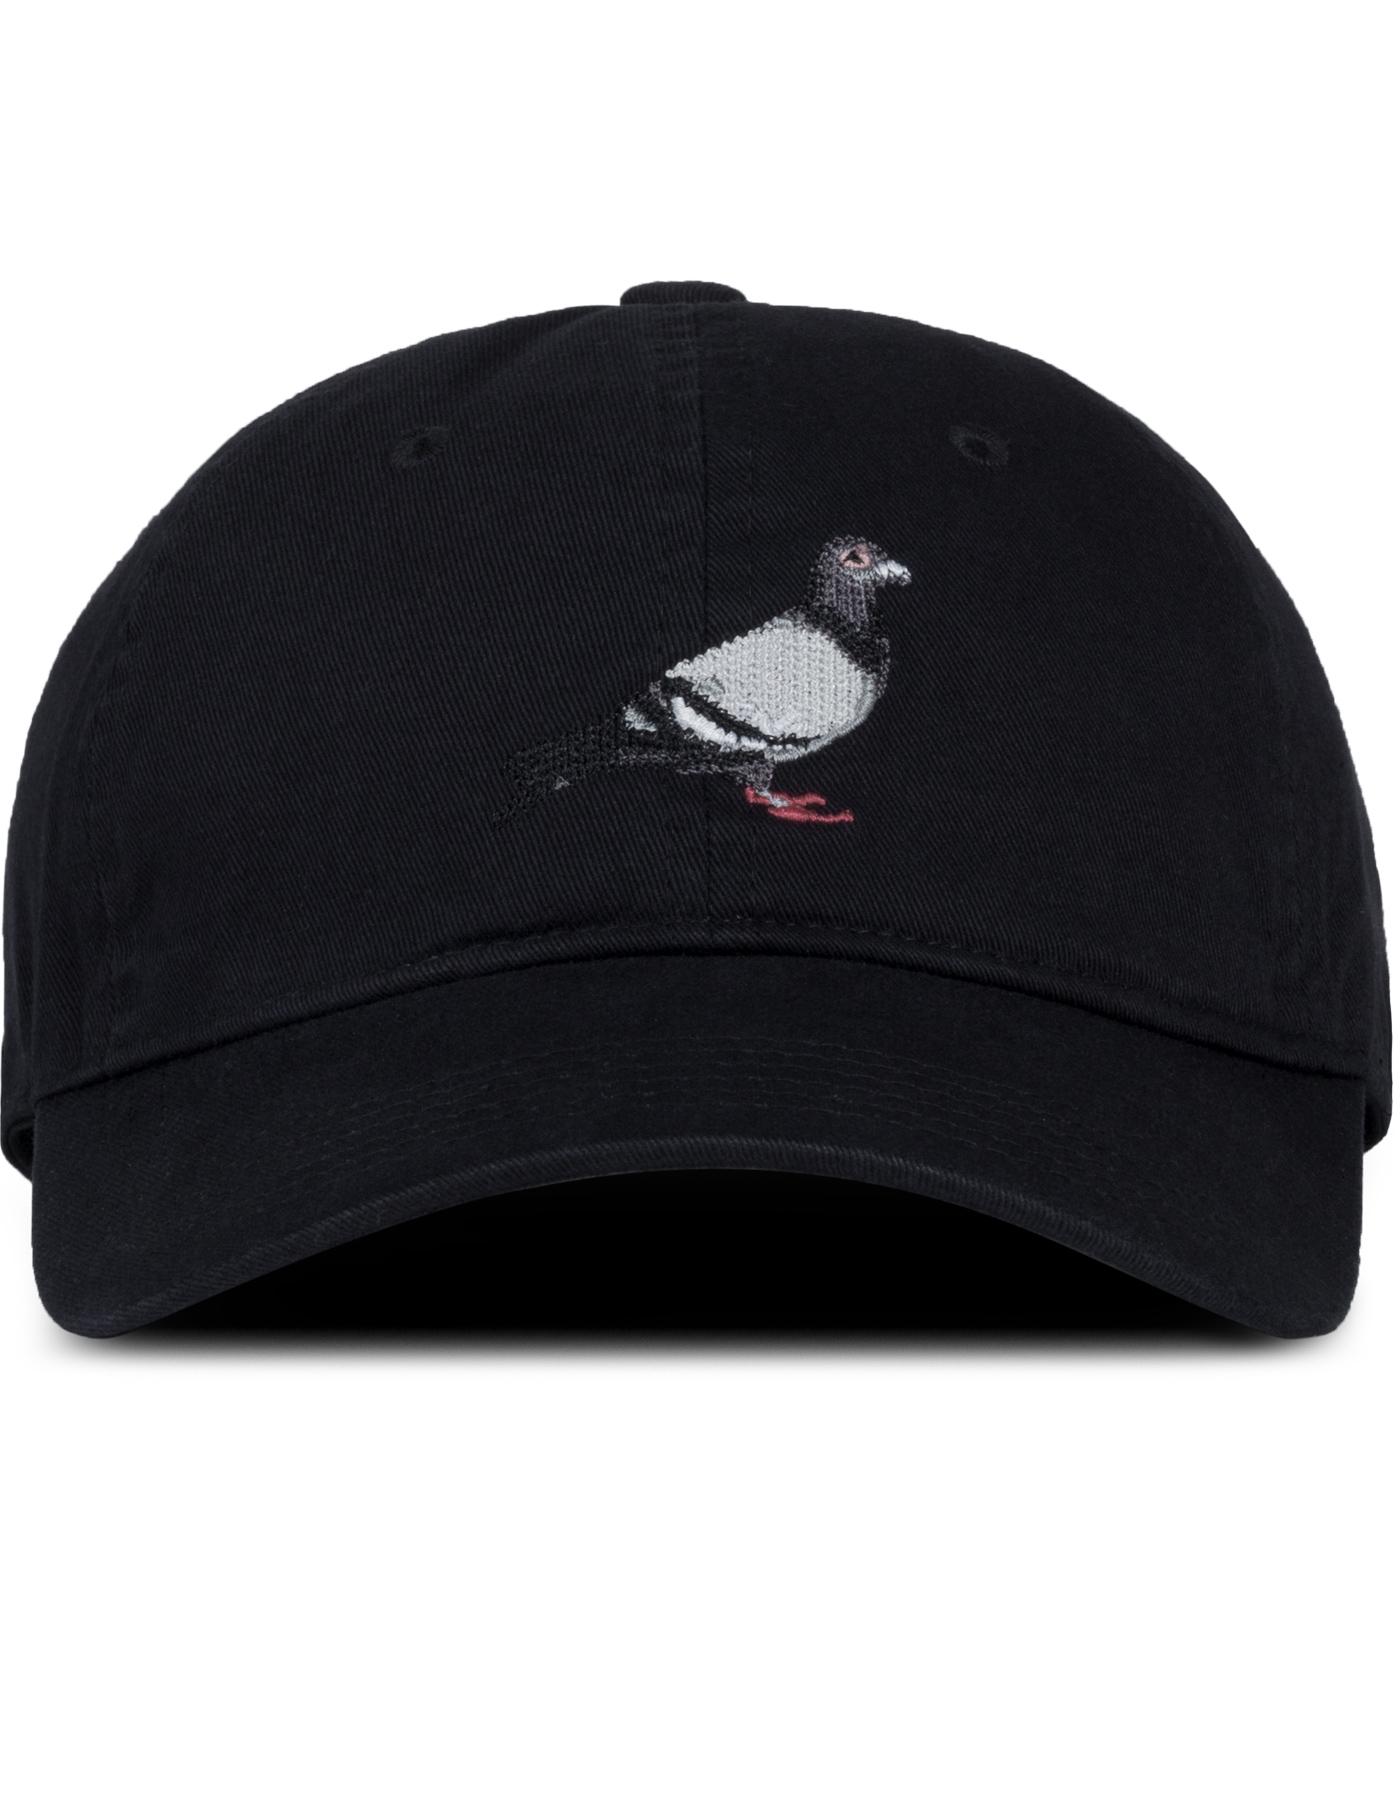 Staple Pigeon Twill Cap Hbx